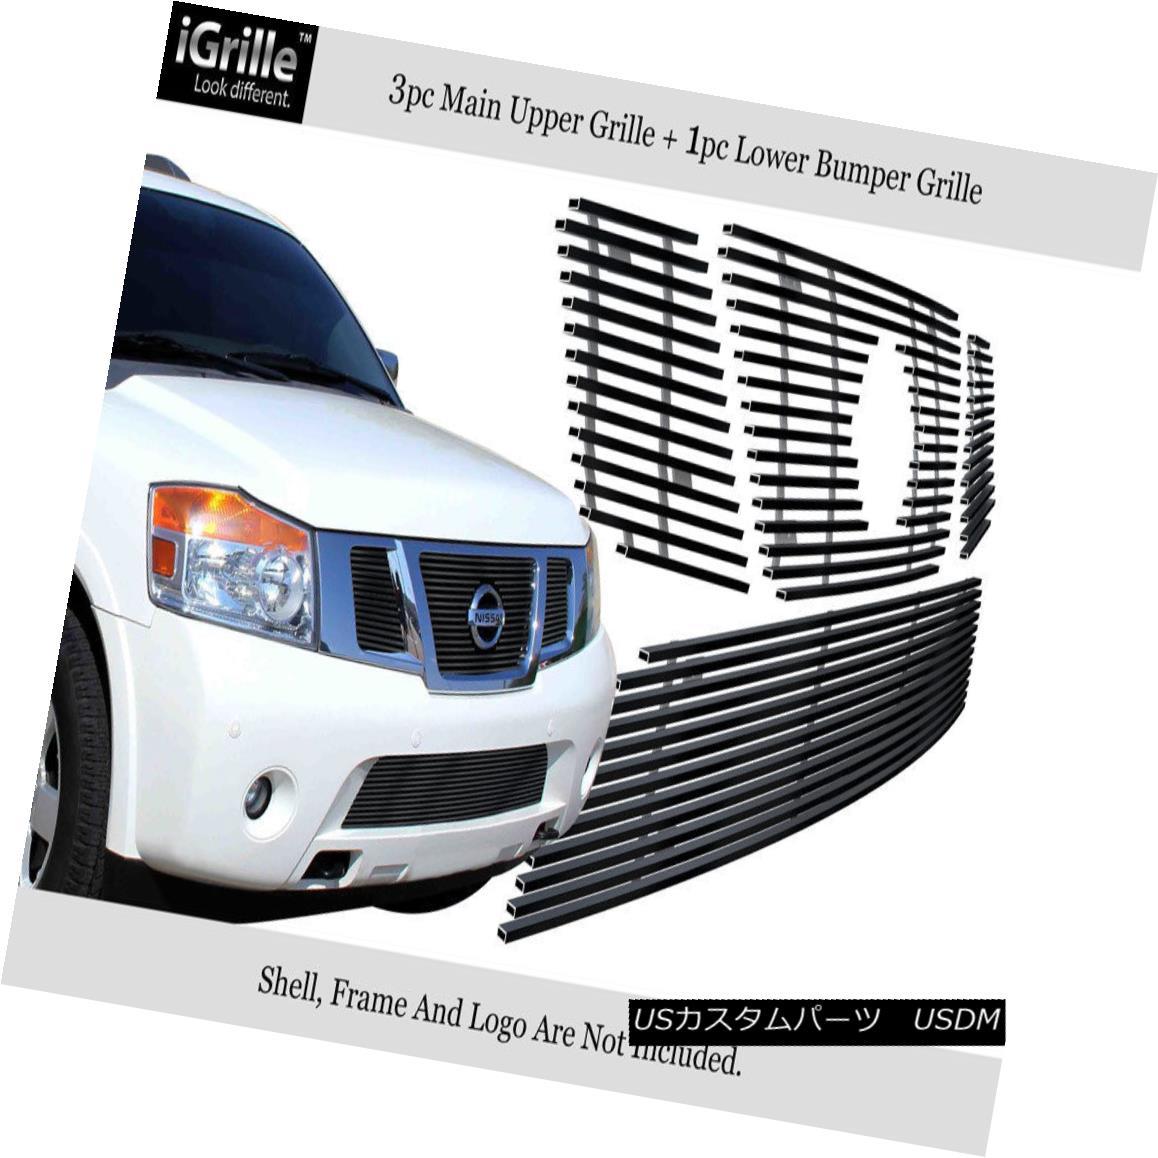 グリル For 2008-2014 Nissan Armada Stainless Black Billet Grille With Logo Show Combo 2008-2014日産アルマダステンレスブラックビレットグリルロゴショーコンボ